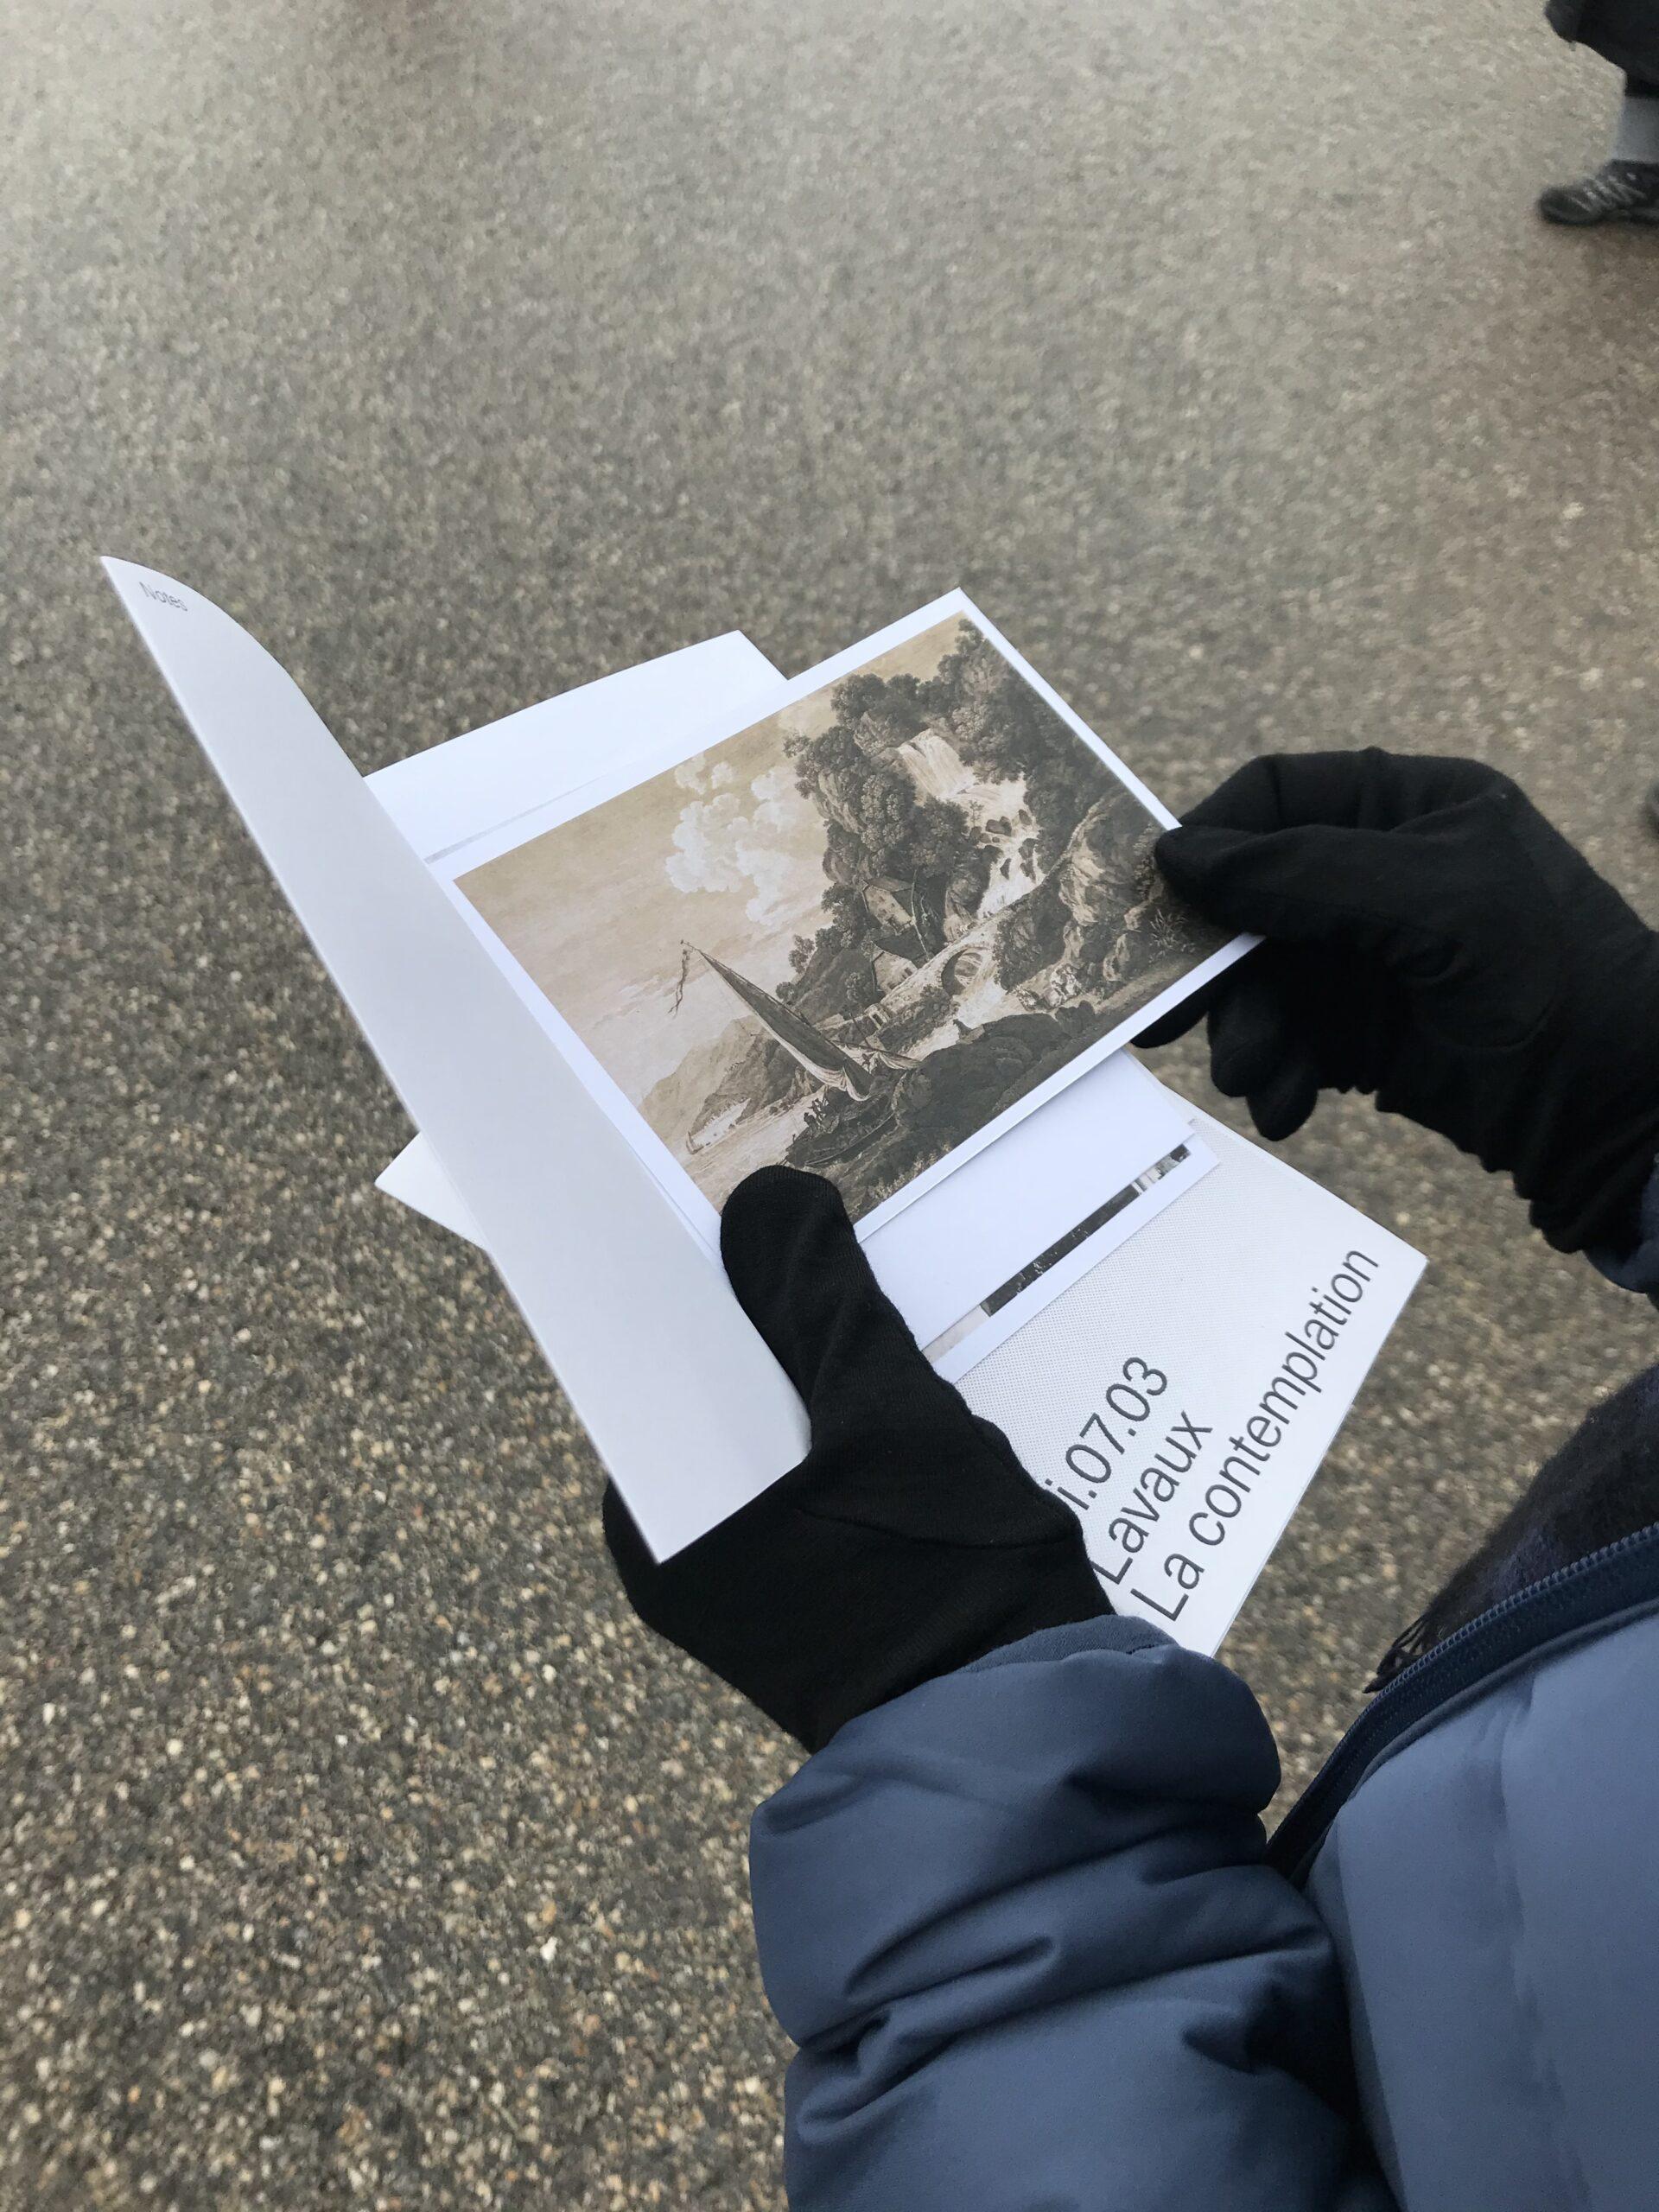 Gare de Puidoux, distribution de textes sous forme de cartes postales en attendant le départ différé de chaque groupe © Héloïse Gailing